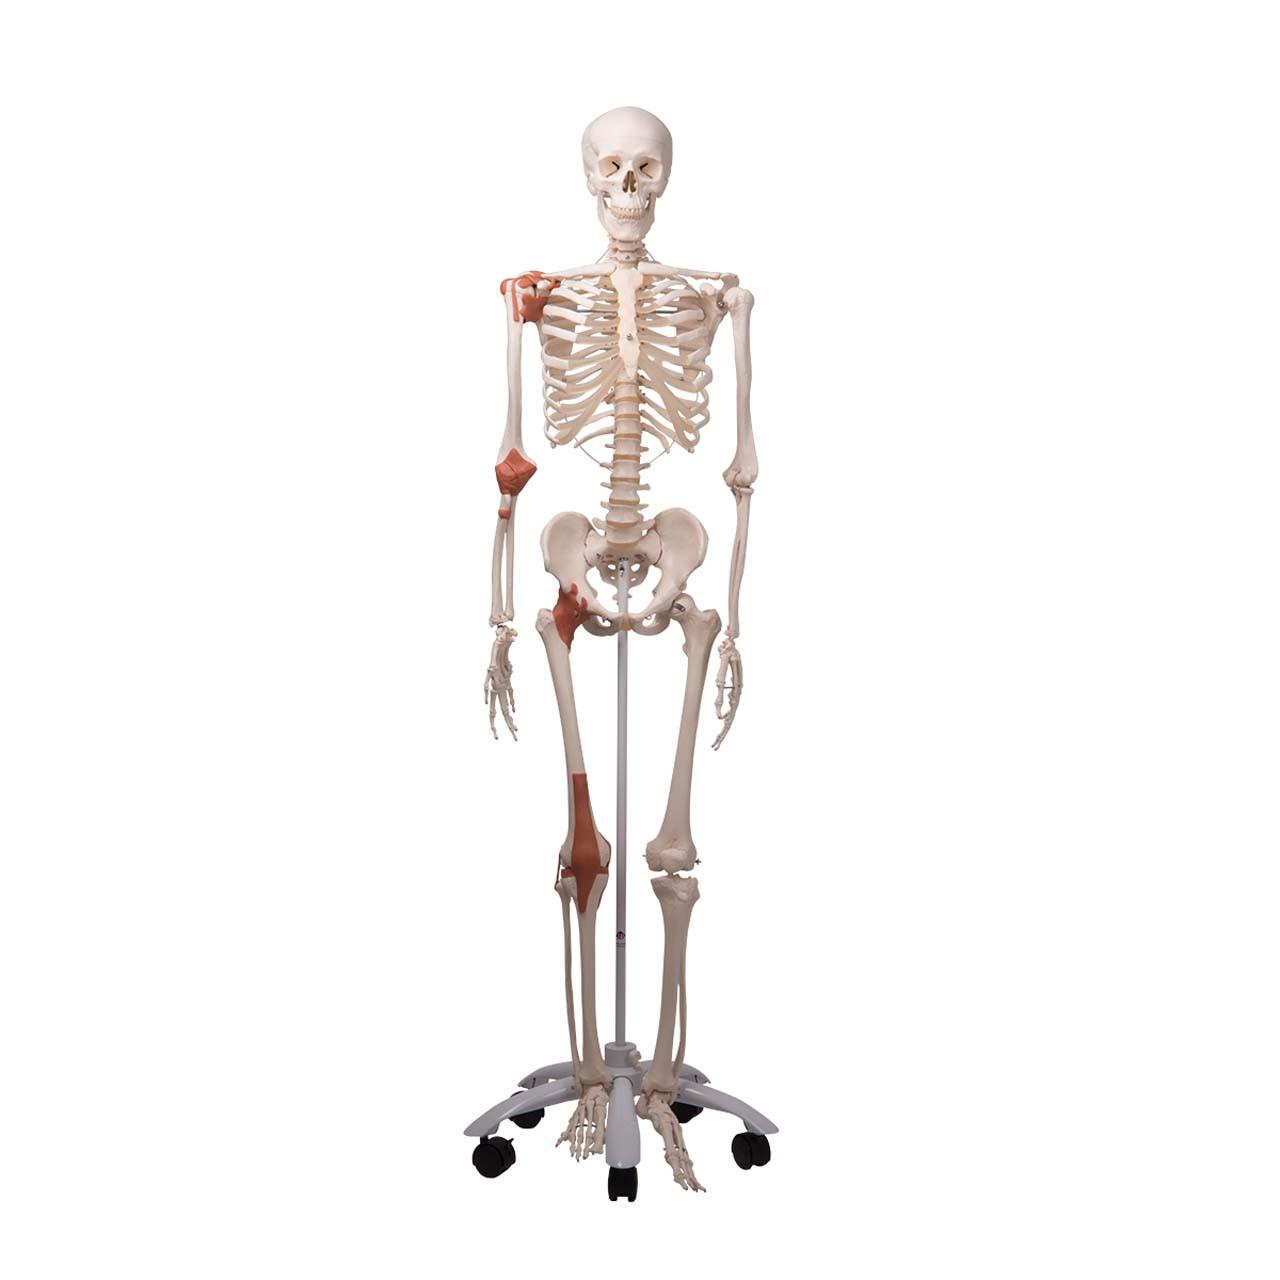 1020175 - Skeleton Model with Ligaments - Leo